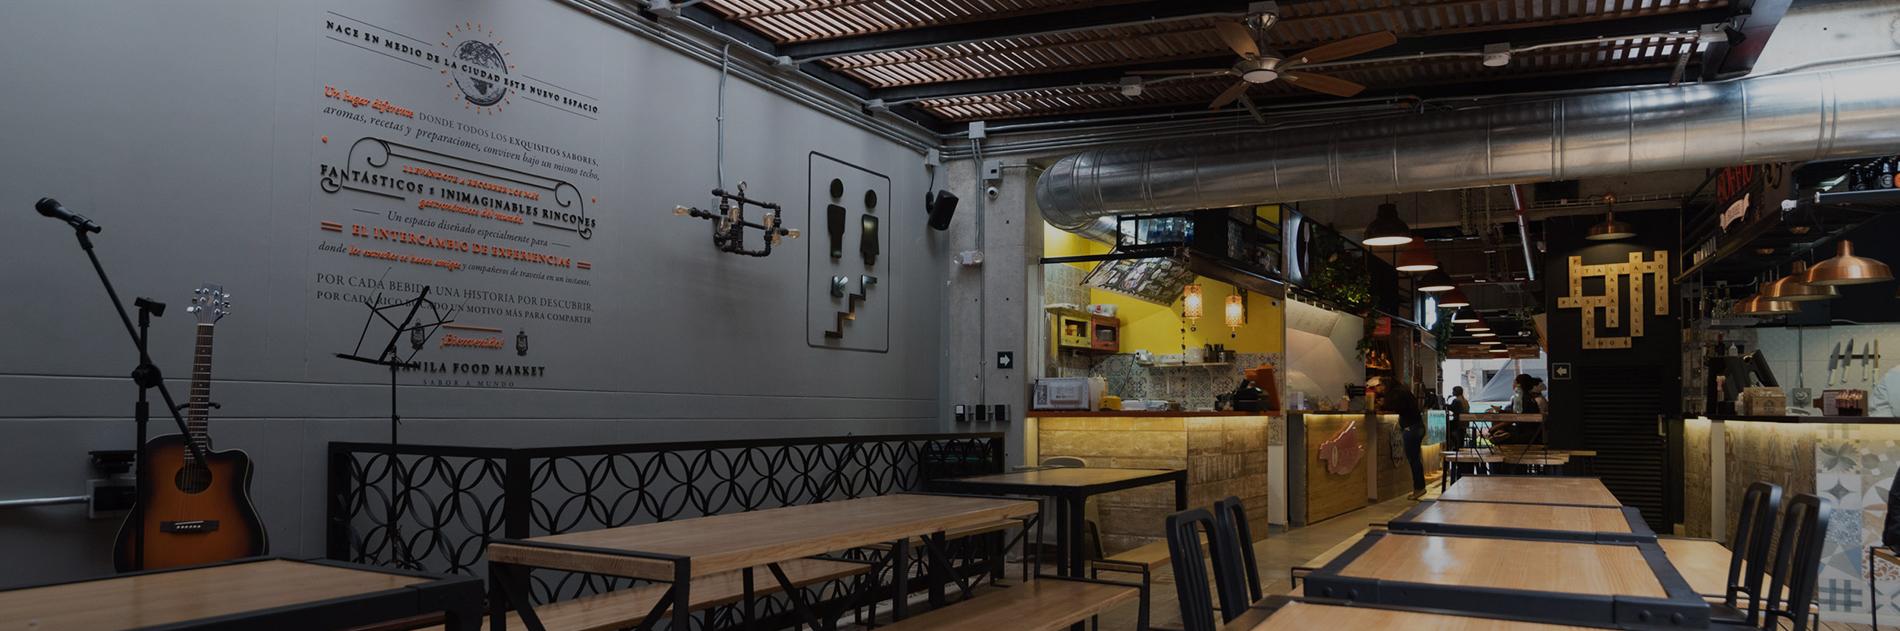 Proyectos de arquitectura en Medellín